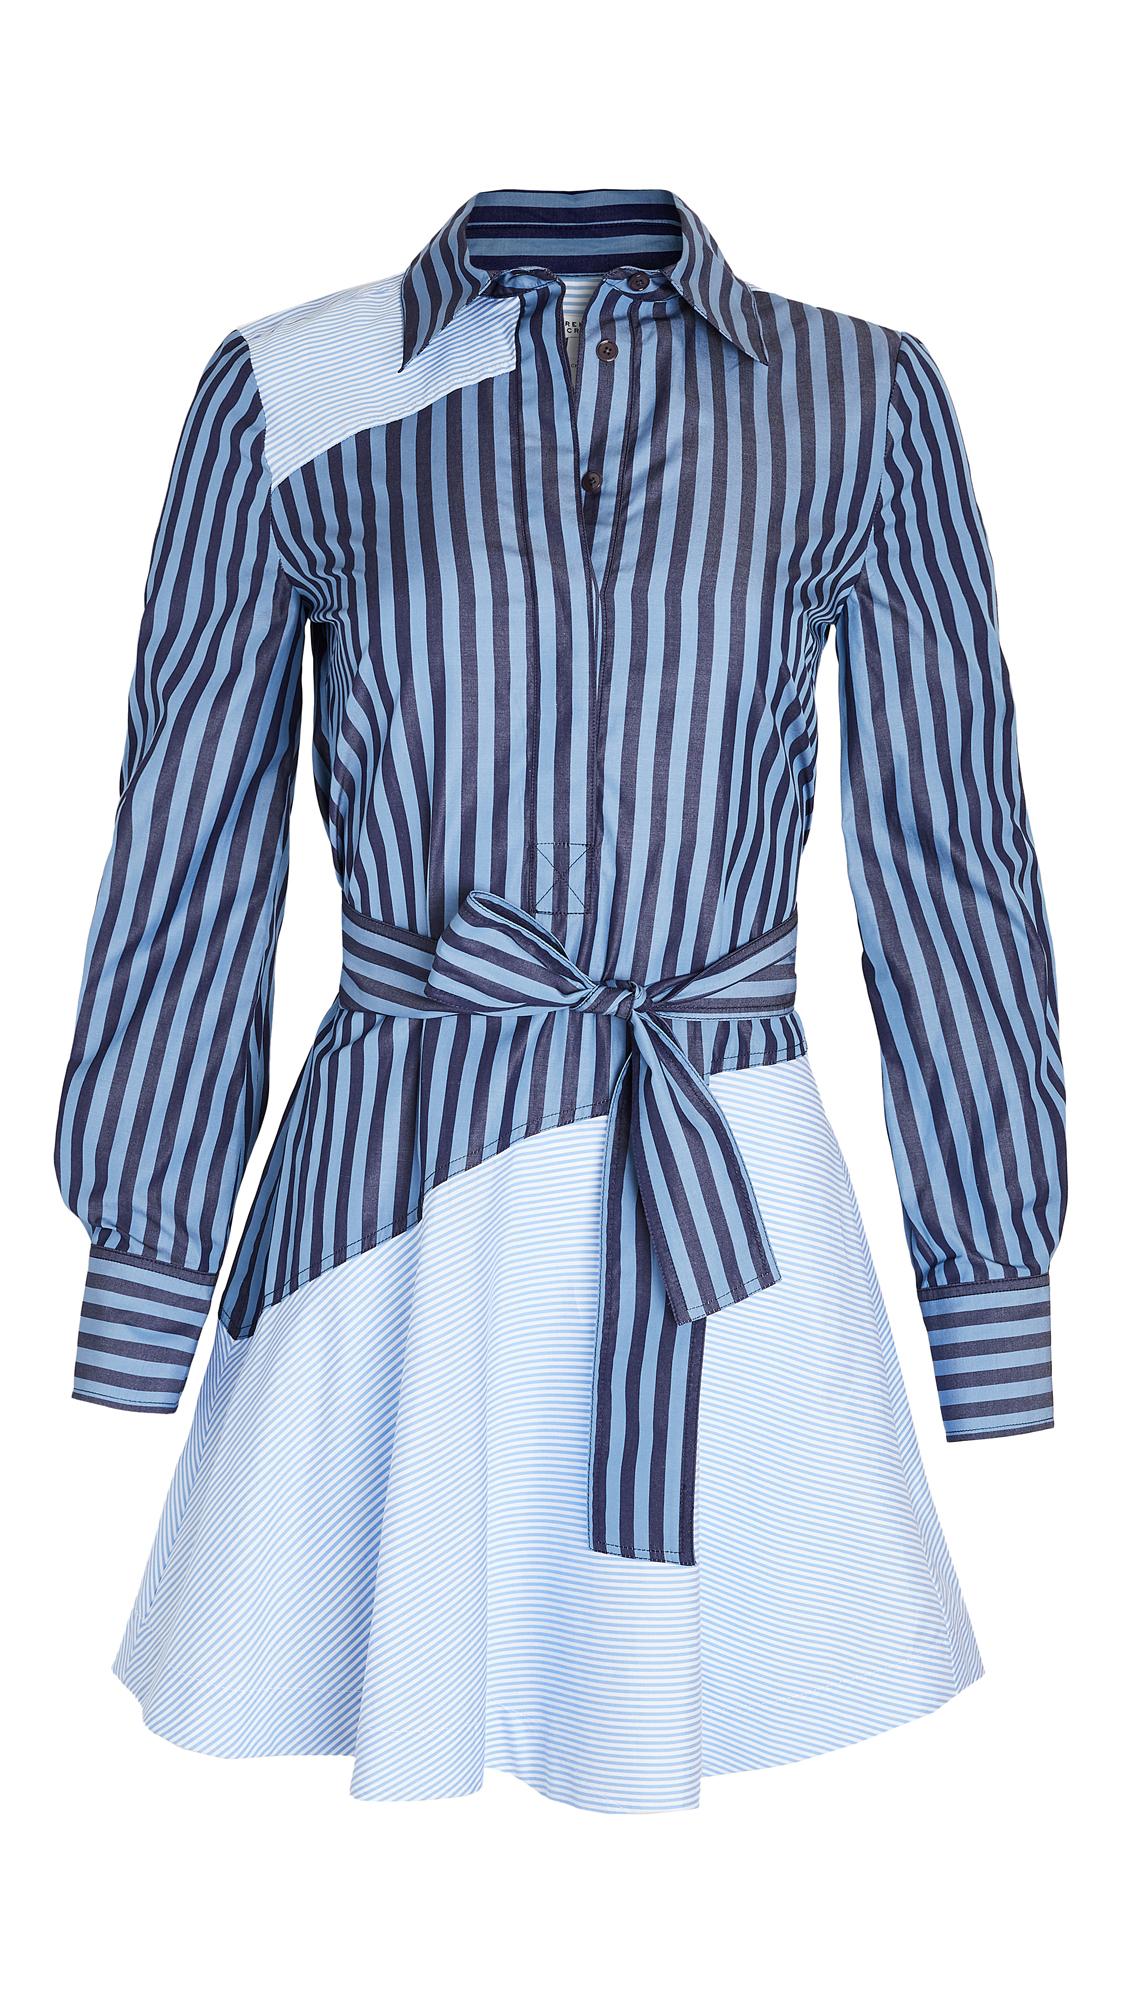 Derek Lam 10 Crosby Flora Assemetrical Shirt Dress